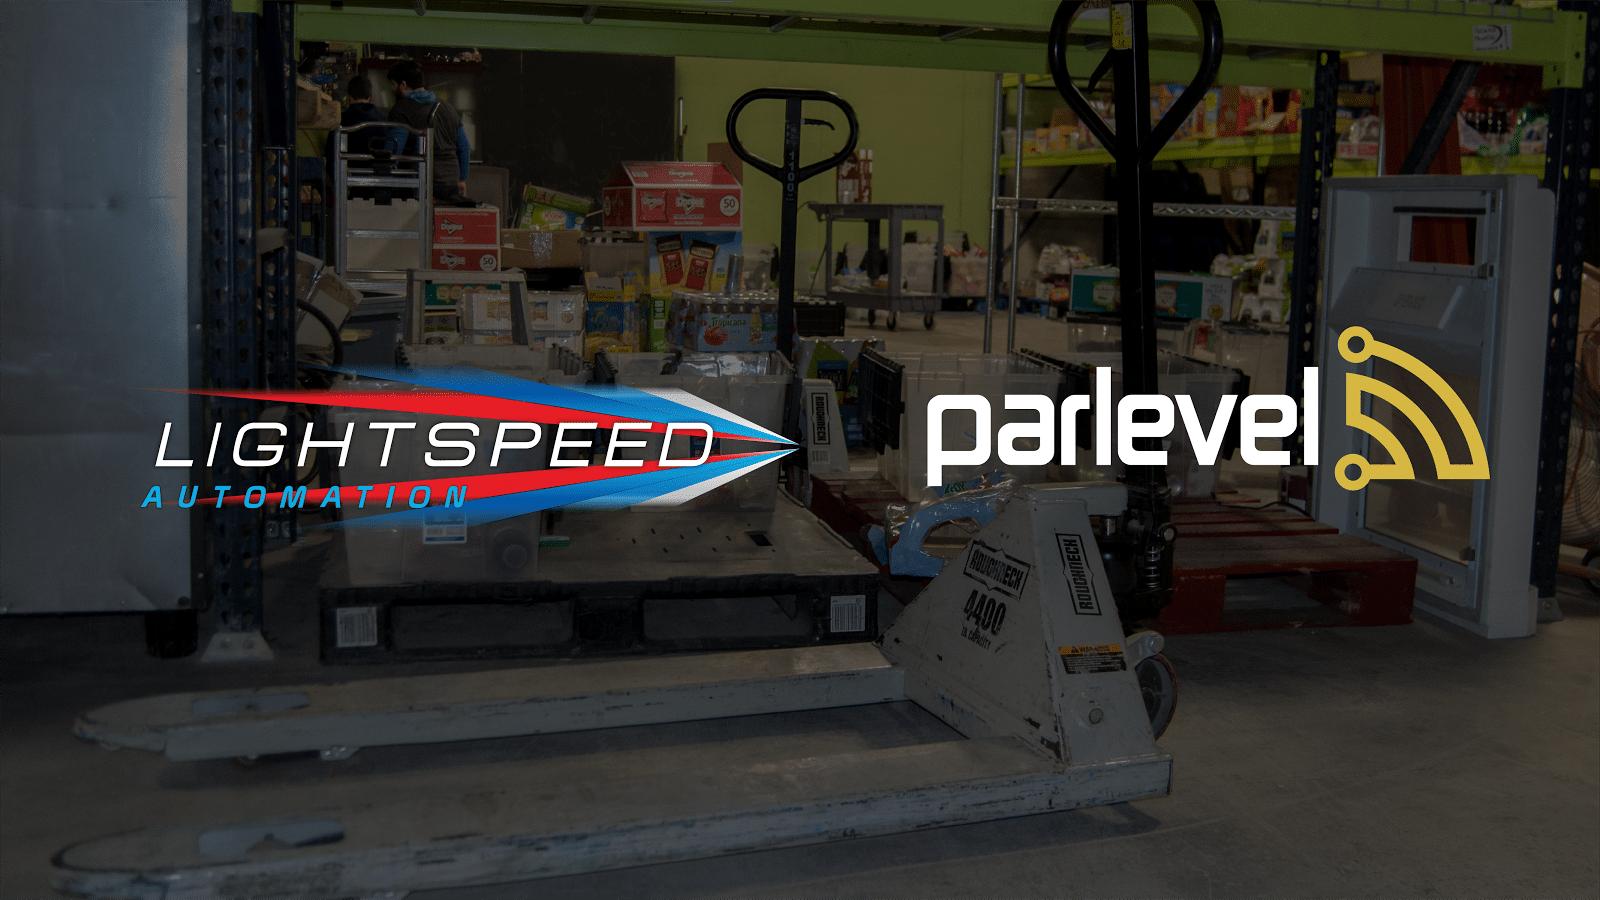 Parlevel-lightspeed